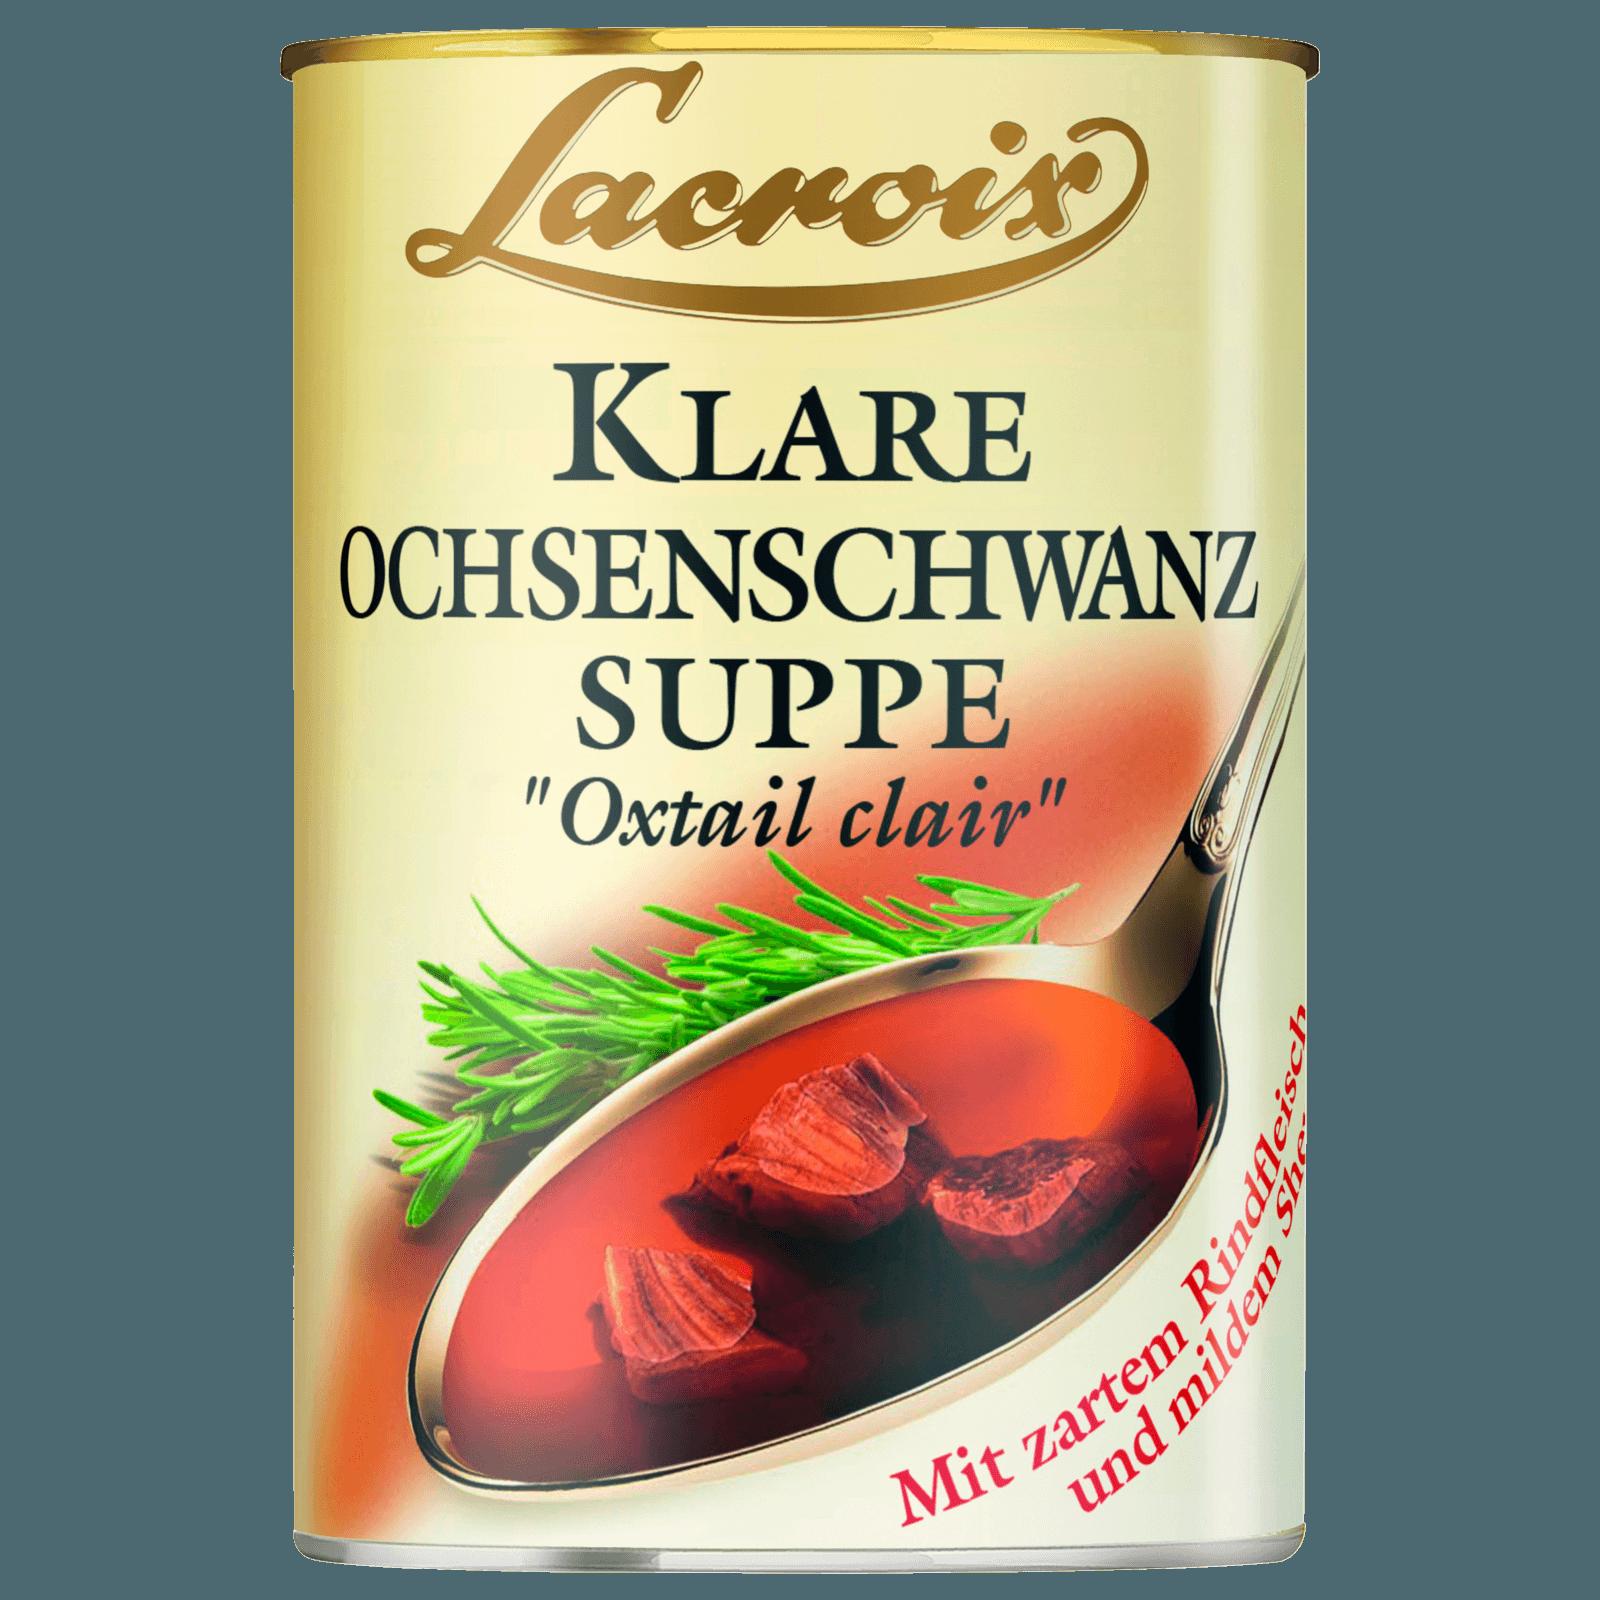 Lacroix Klare Ochsenschwanzsuppe 400ml